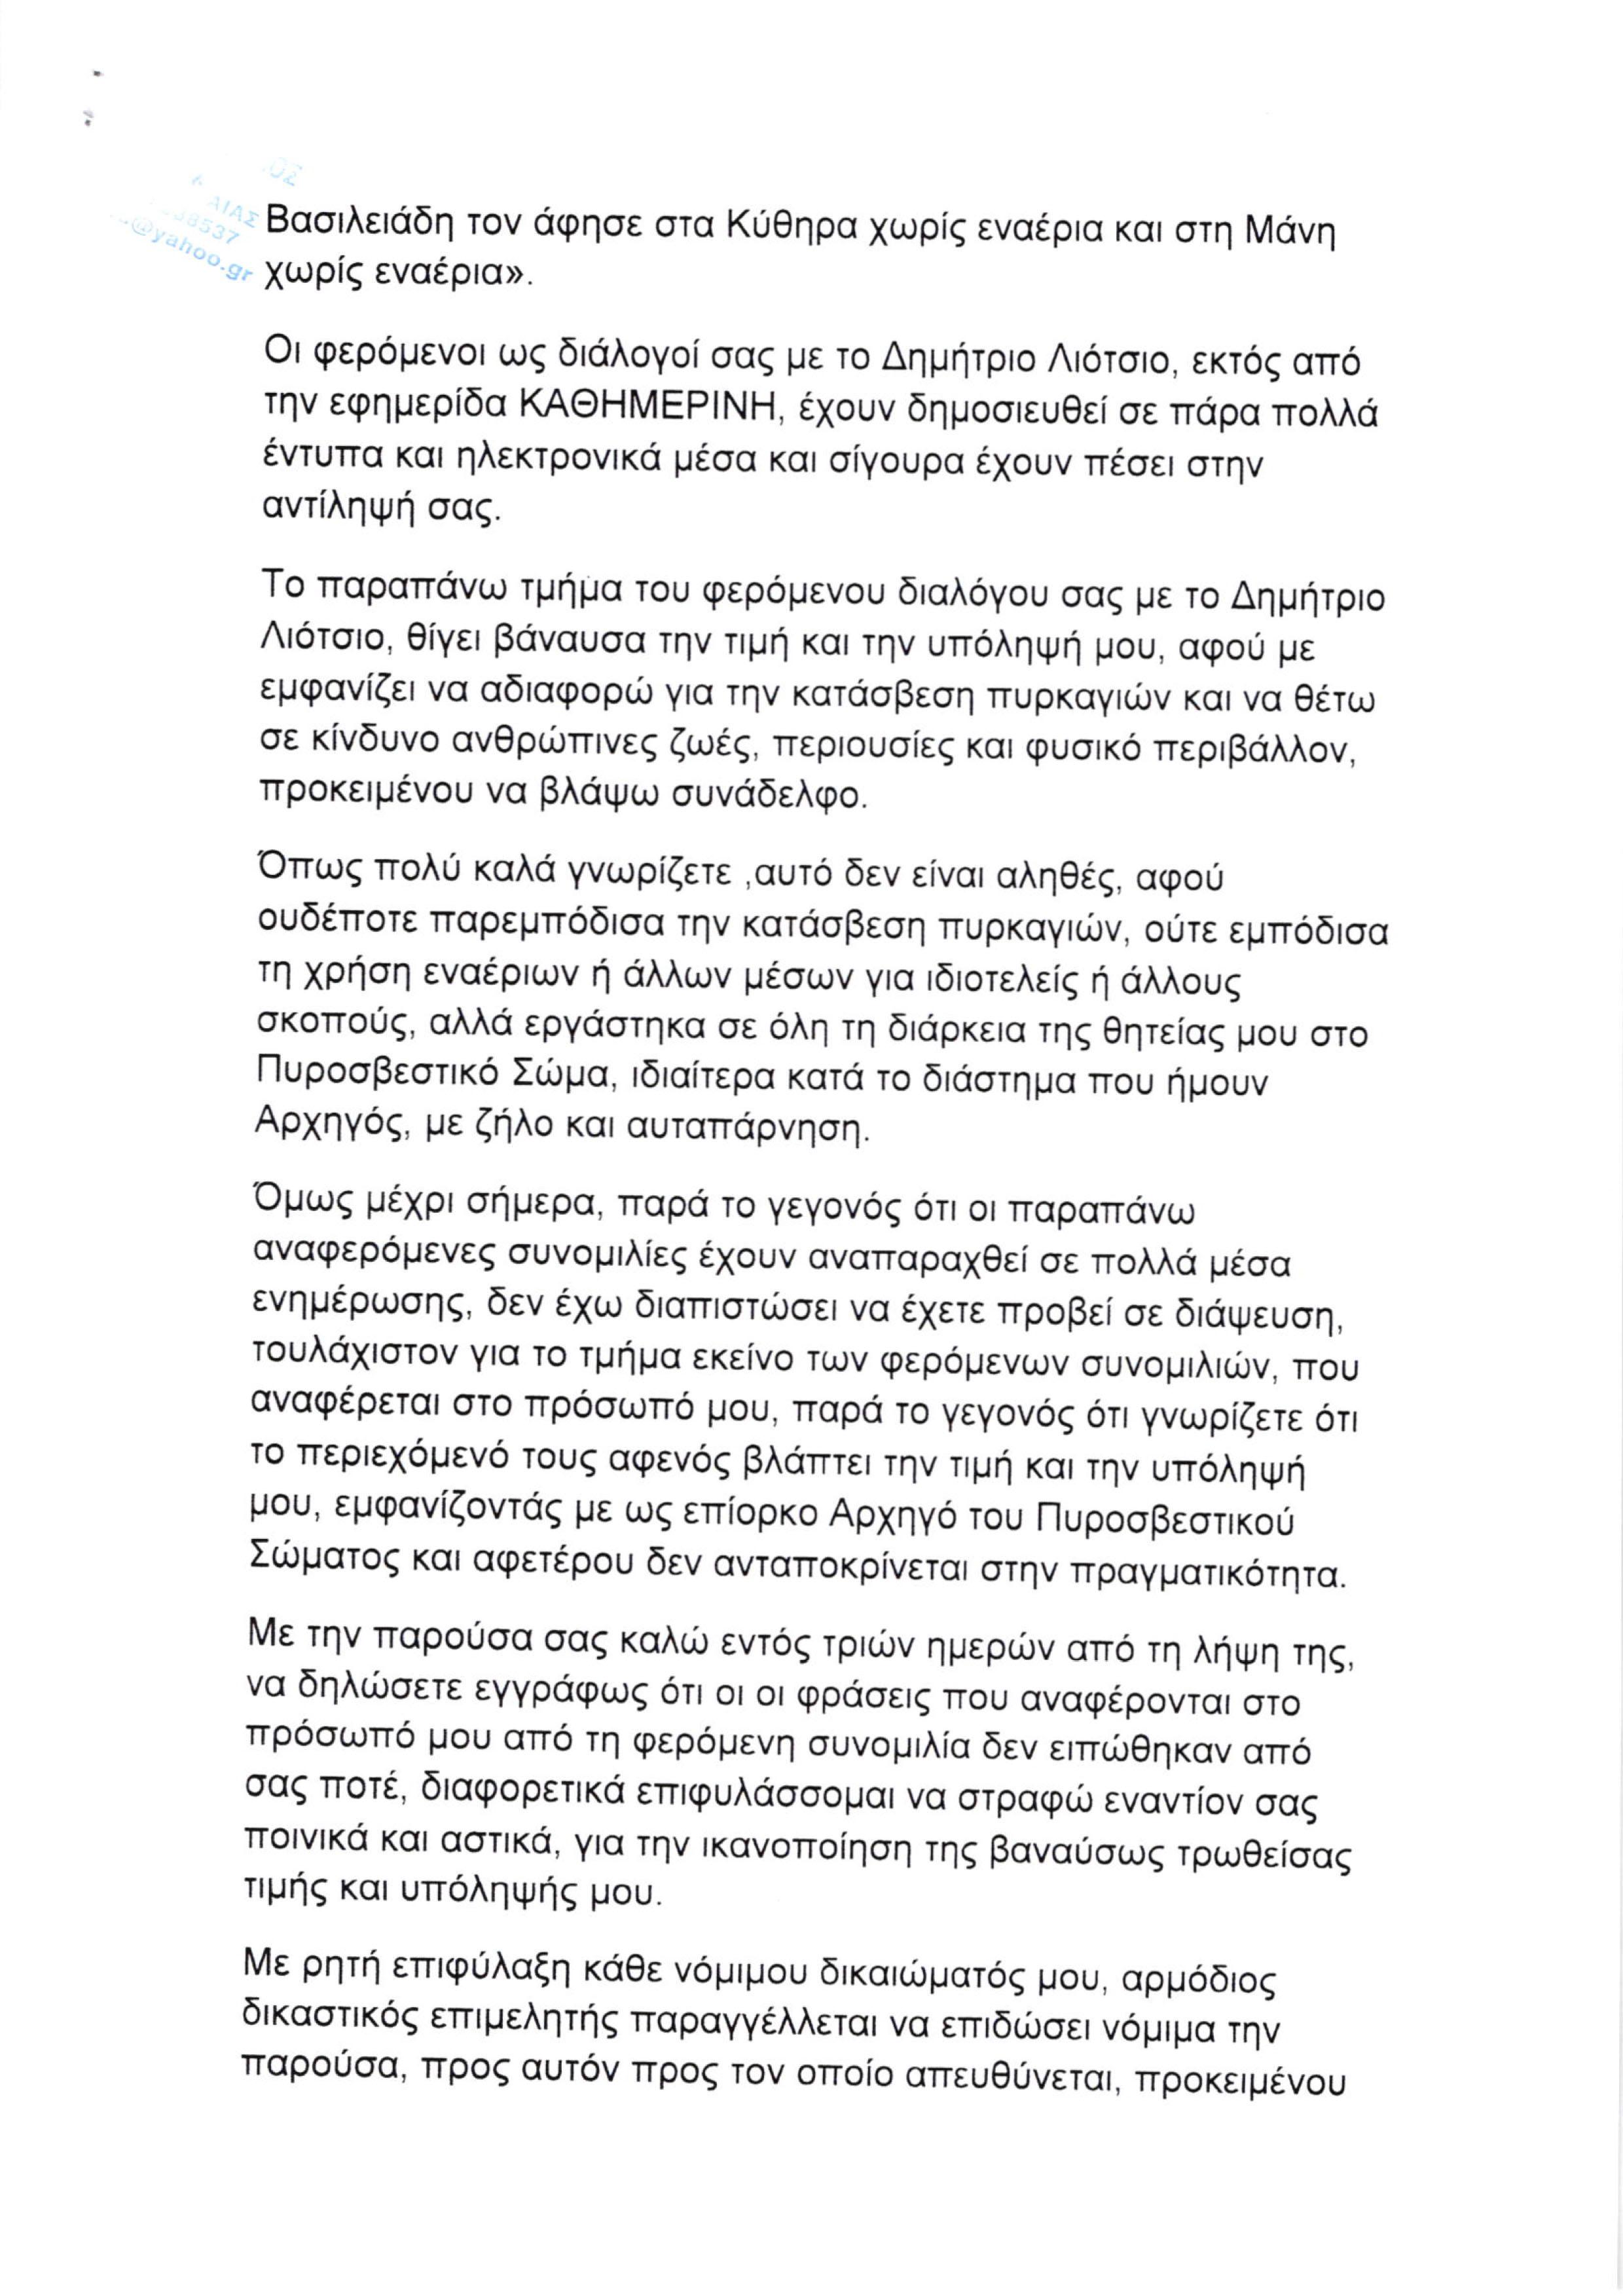 exodiko-kapelioy-kata-matthaiopoyloy-oydepote-parempodisa-tin-katasvesi-pyrkagion3